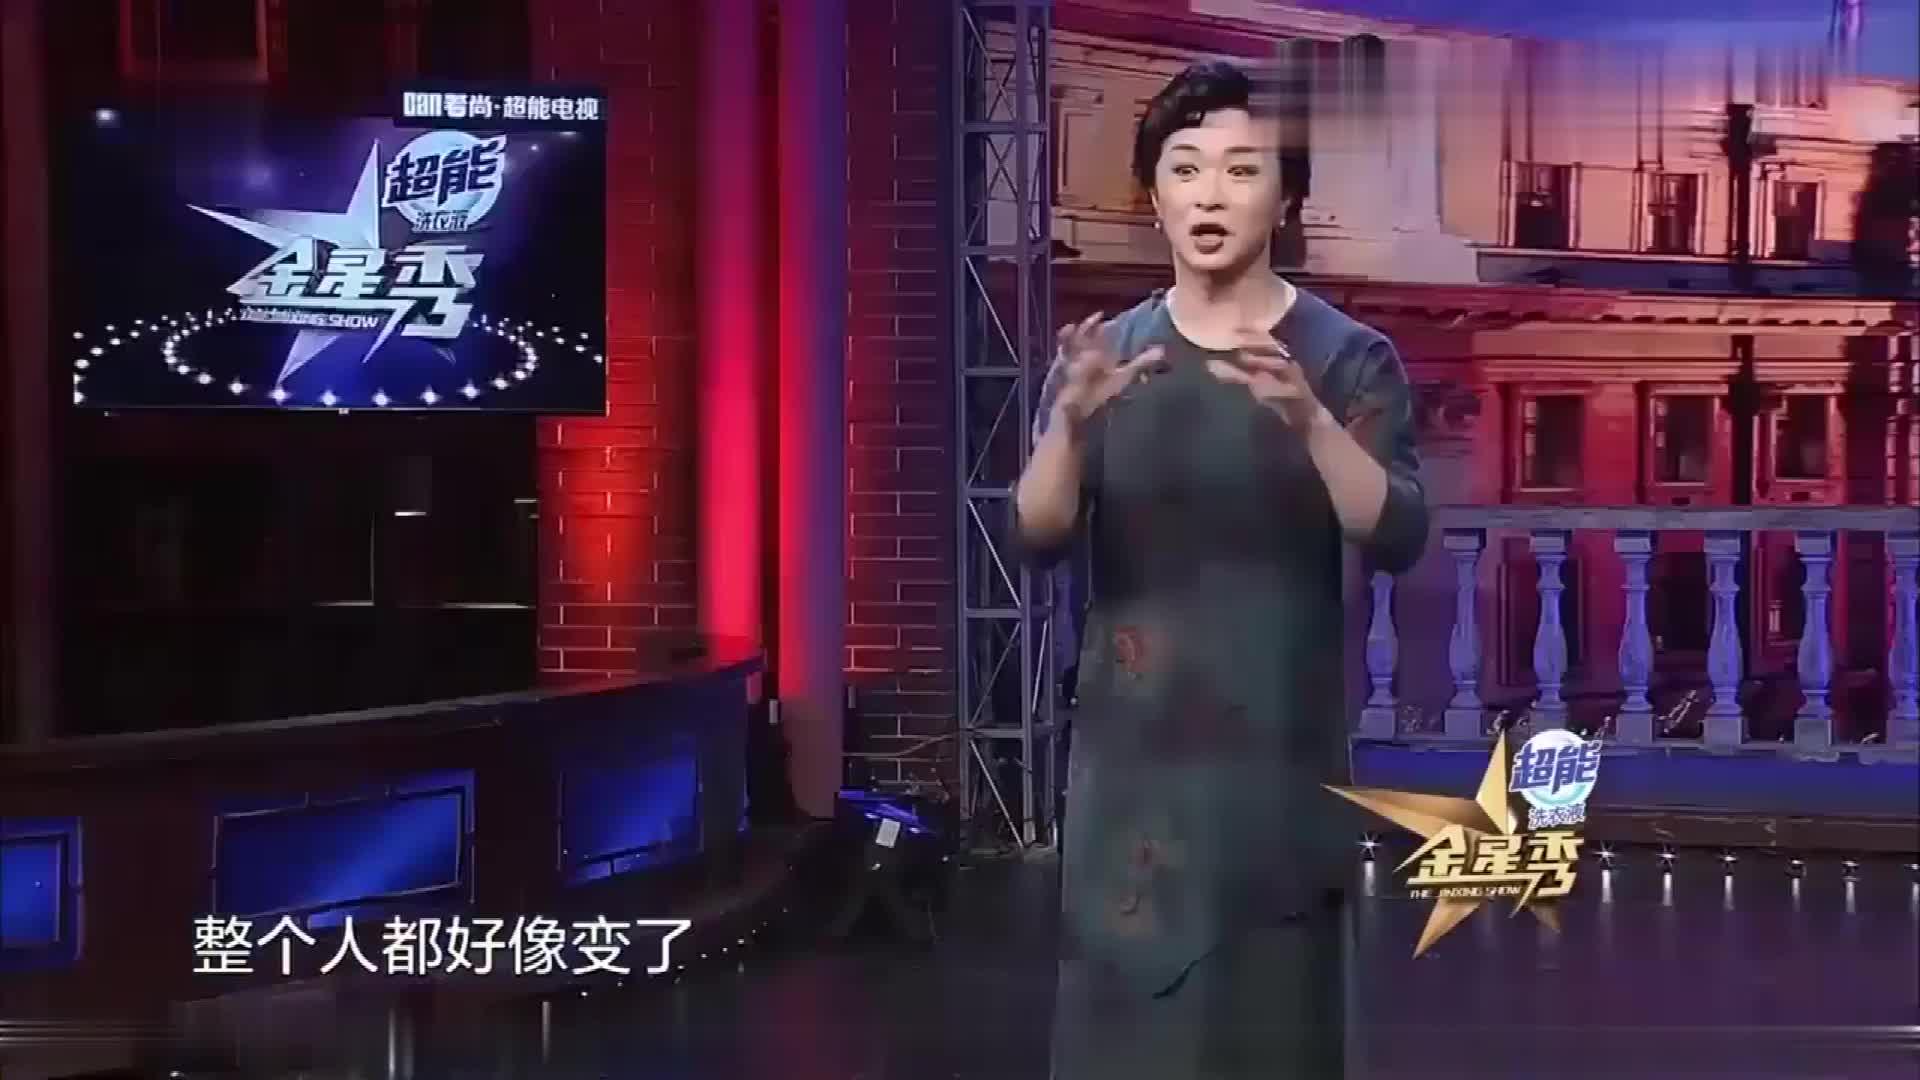 金星秀:金星调侃沈南脸大,你可不是包子脸,你是披萨脸!